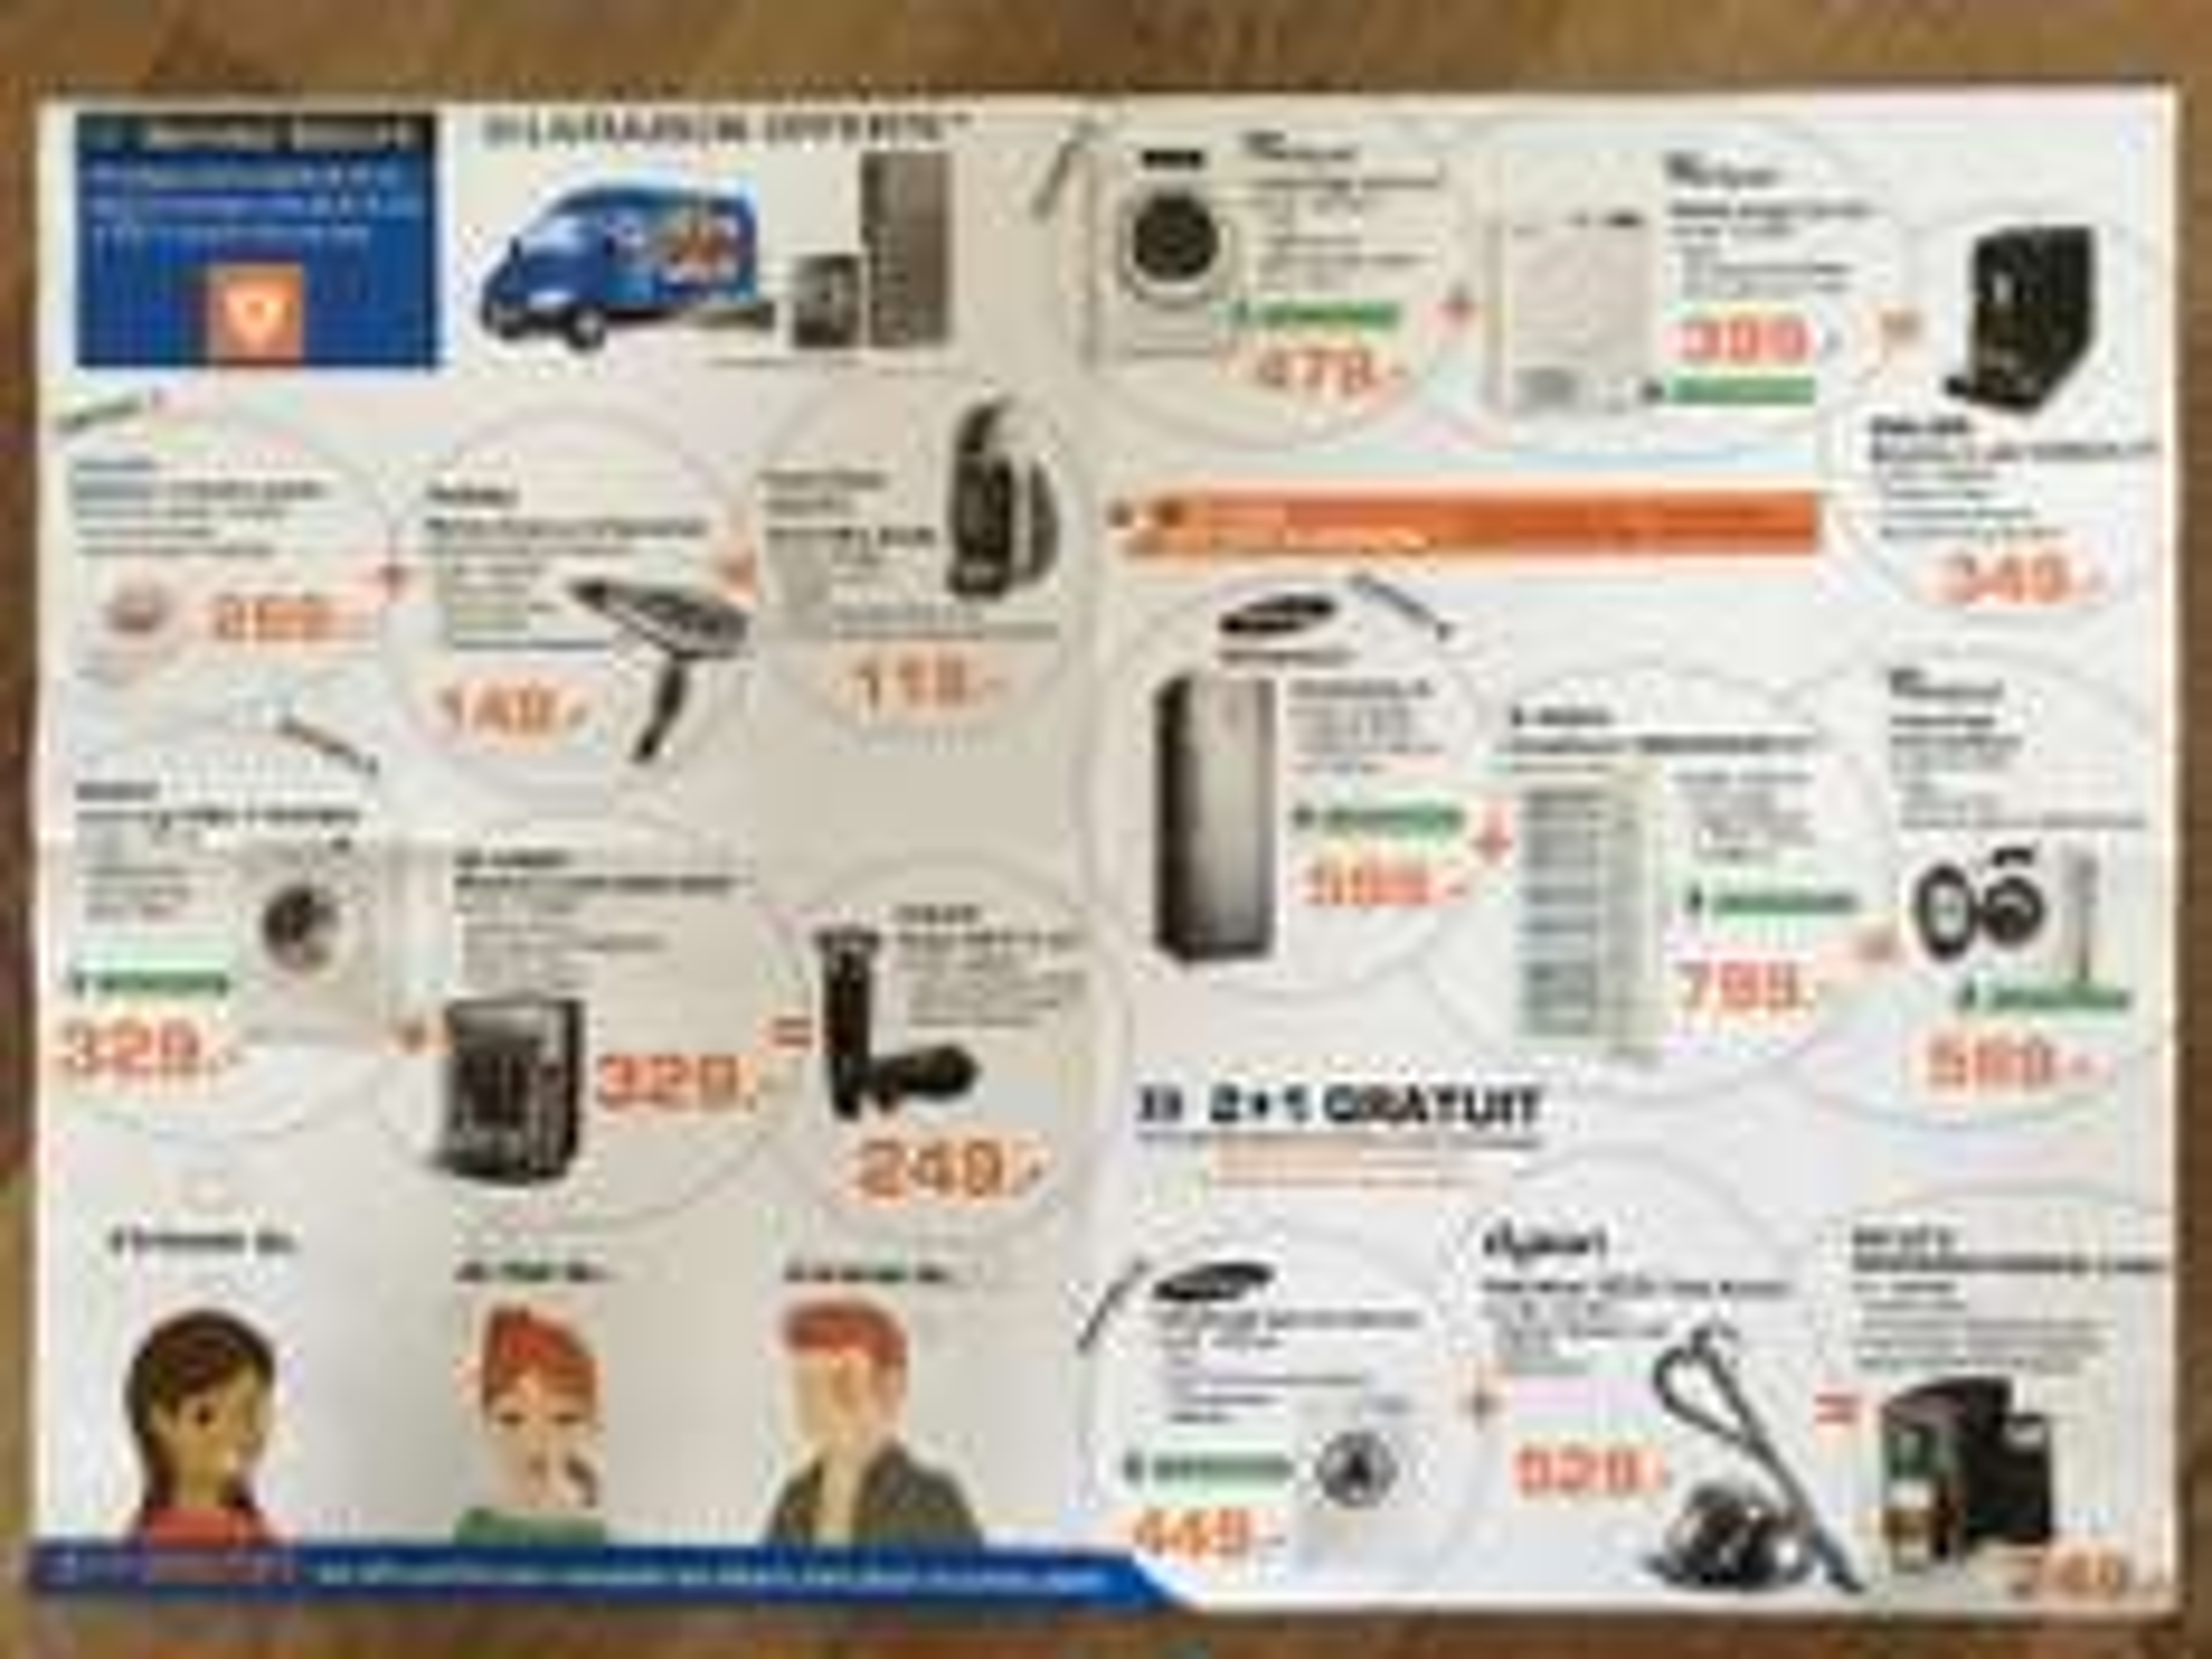 2 produits électroménager achetés = 1 offert - Ex : Réfrigérateur Samsung RR35H6000SA/EG + Congélateur Bosch GSN58AW30 = Lave-linge Whirlpool FSCR 80621 offert